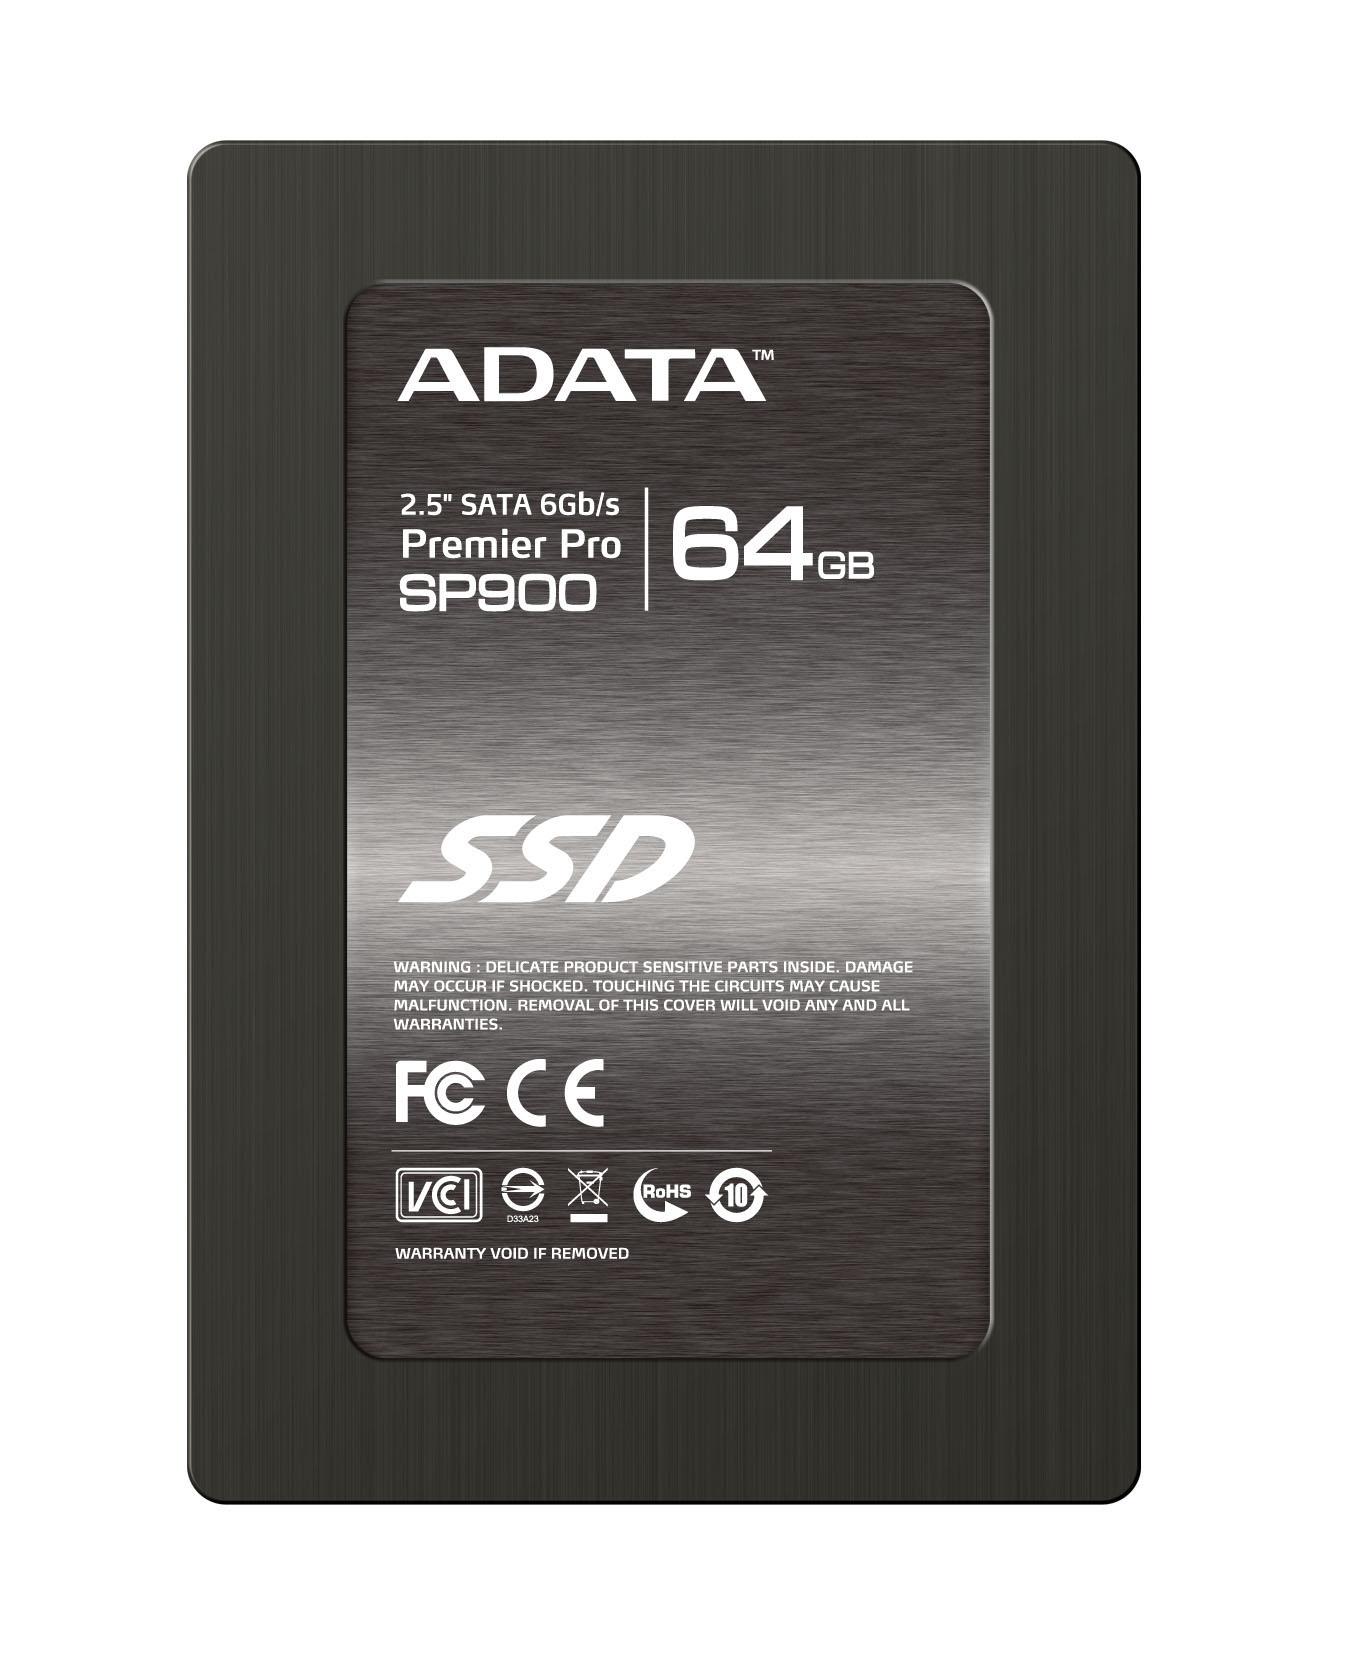 ADATA SSD SP900 Premier Pro 64GB 2.5  SATA III